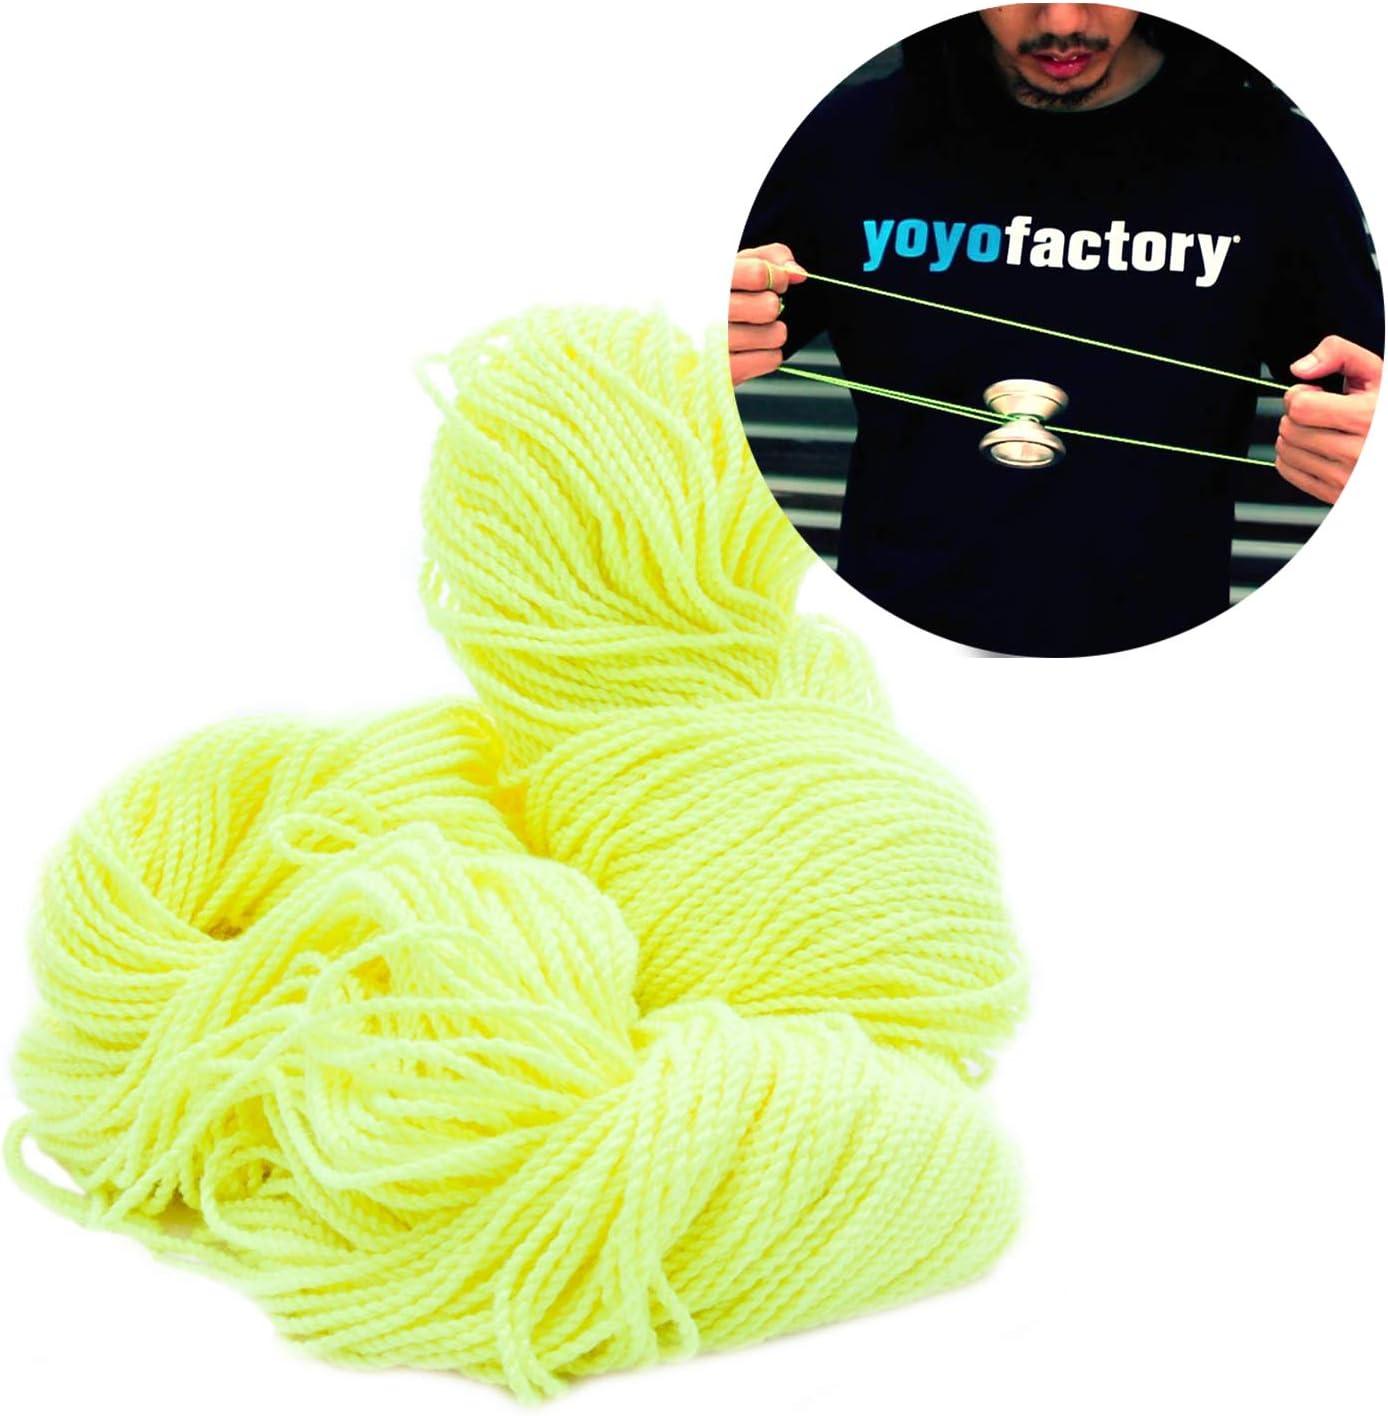 YoYoFactory Replacement Yo-Yo Strings 100pcs Green Works With Every YoYo